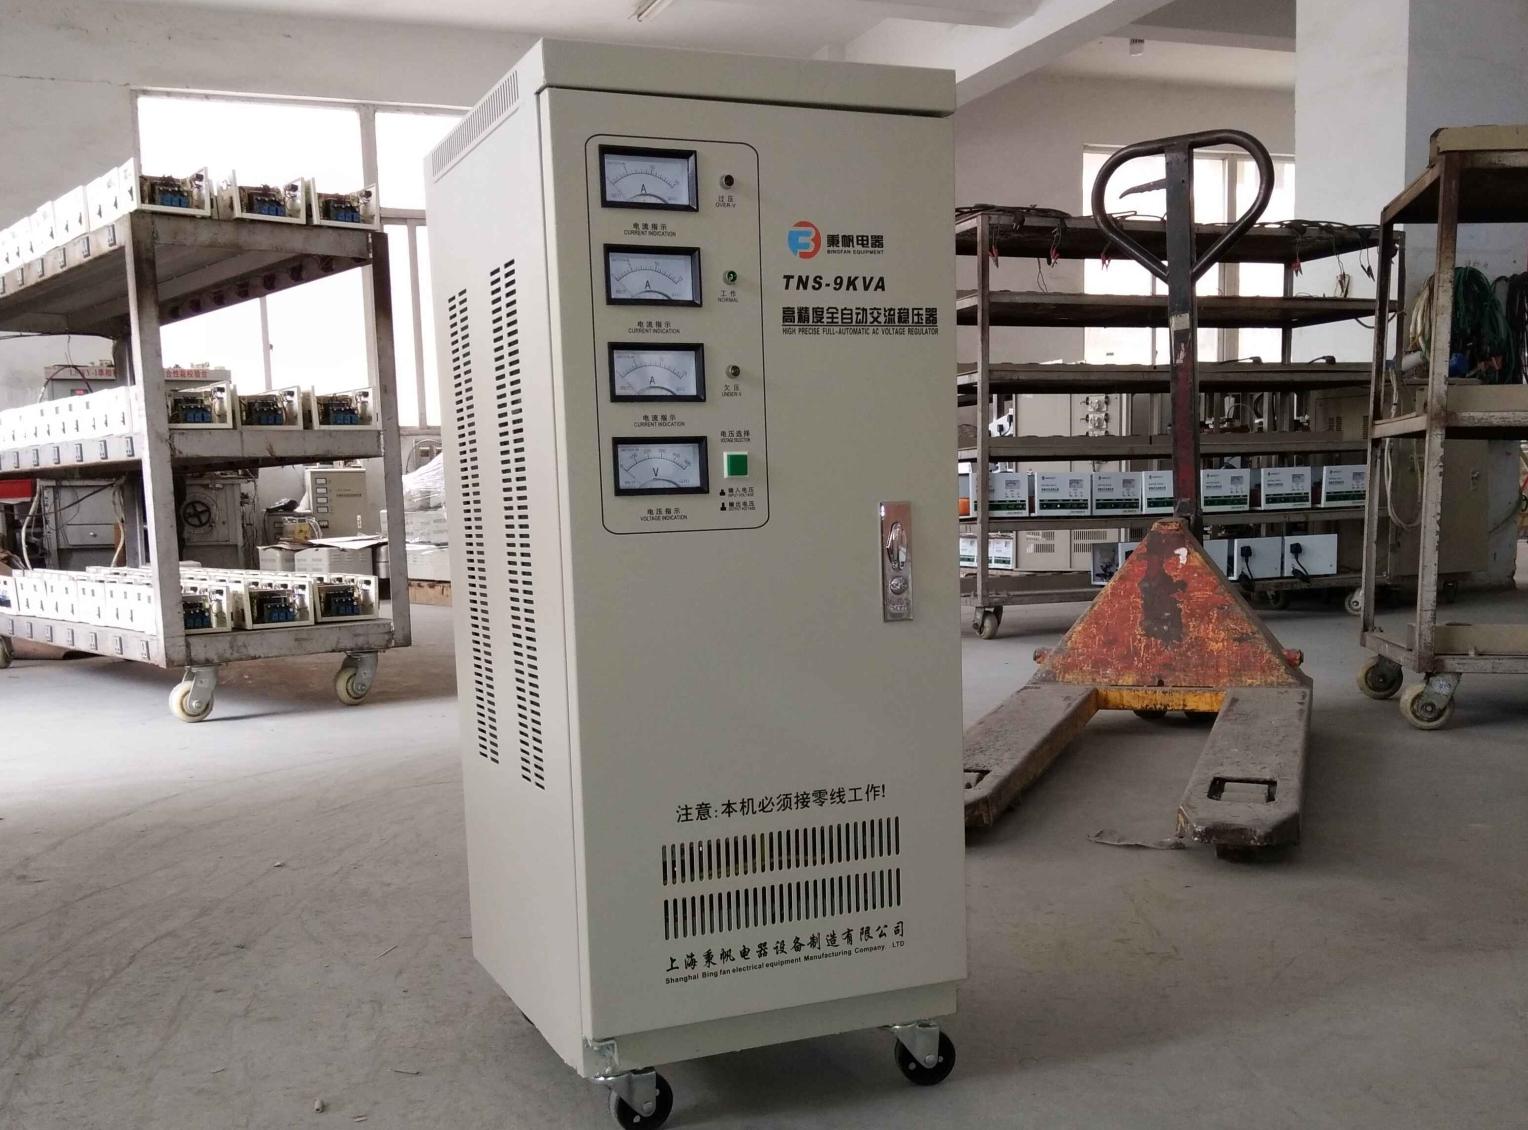 三相高精度全自动稳压器TNS-9KVA